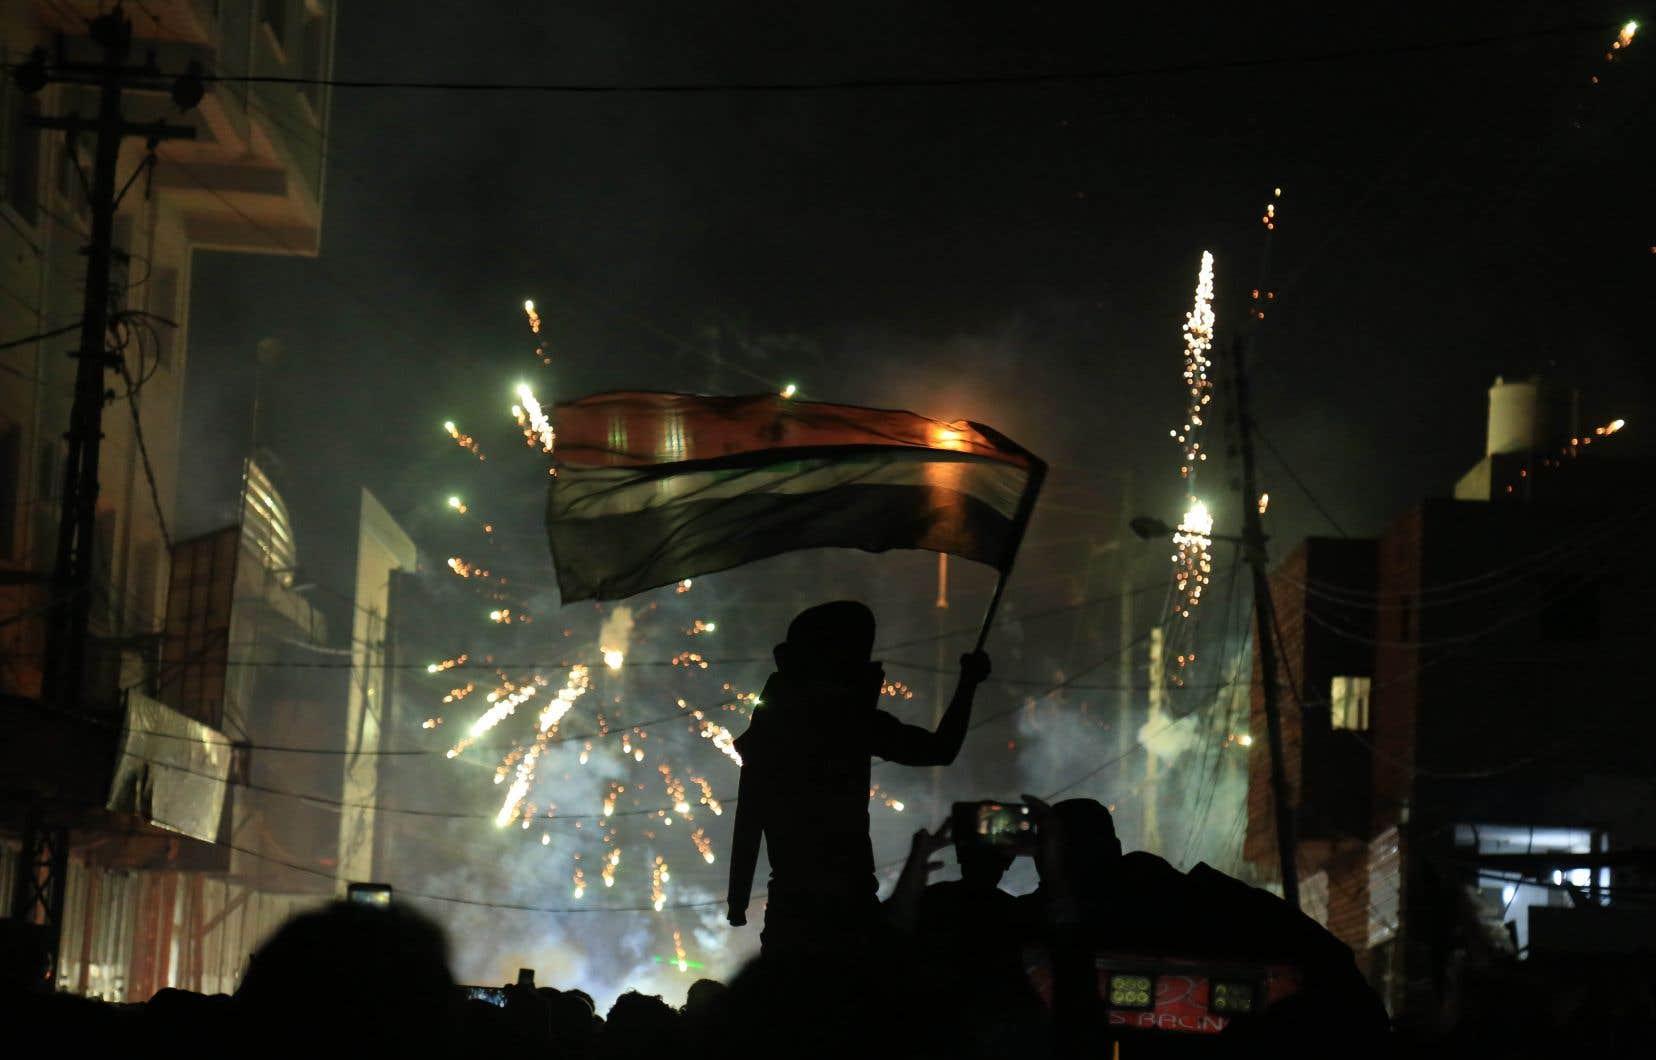 Dans la ville sainte chiite Kerbala, manifestants et forces de sécurité se sont jeté des cocktails Molotov jusqu'aux premières heures du jour.